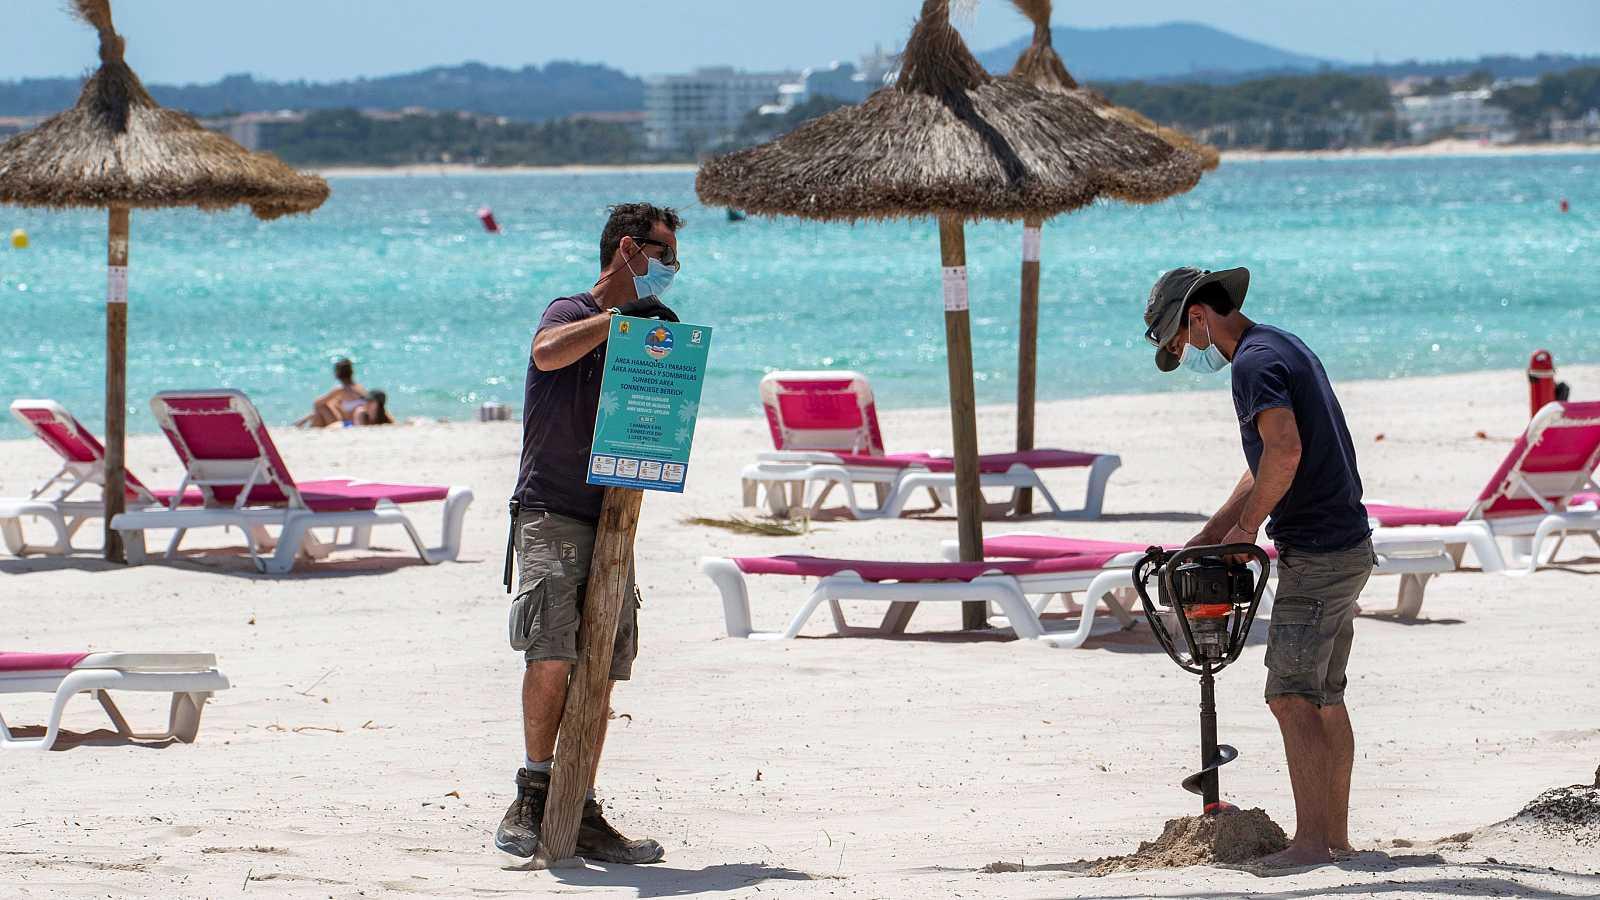 La playa de Alcudia (Mallorca) se prepara para recibir turistas de cara a este verano.